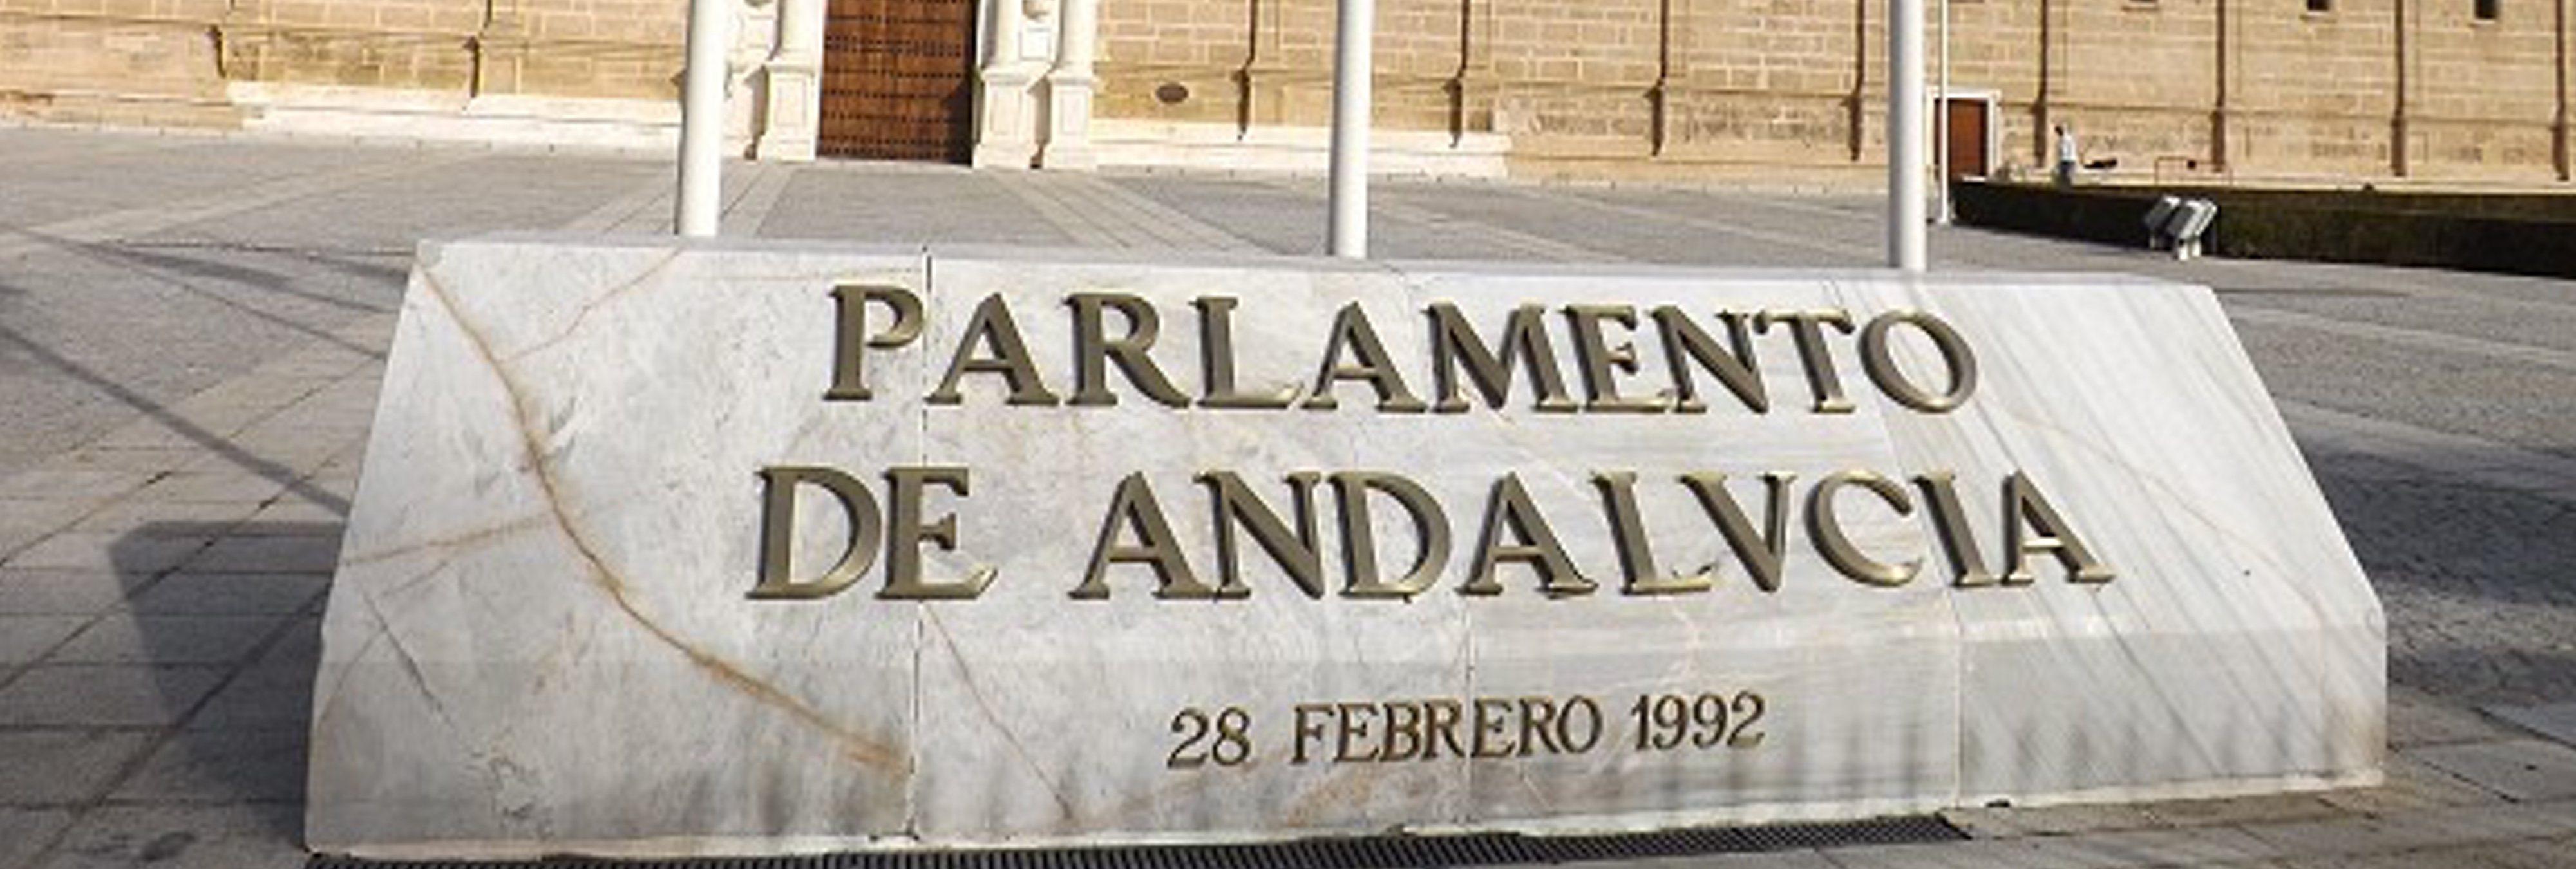 Una fundación de la Junta de Andalucía gastó en 15.000 euros en un prostíbulo